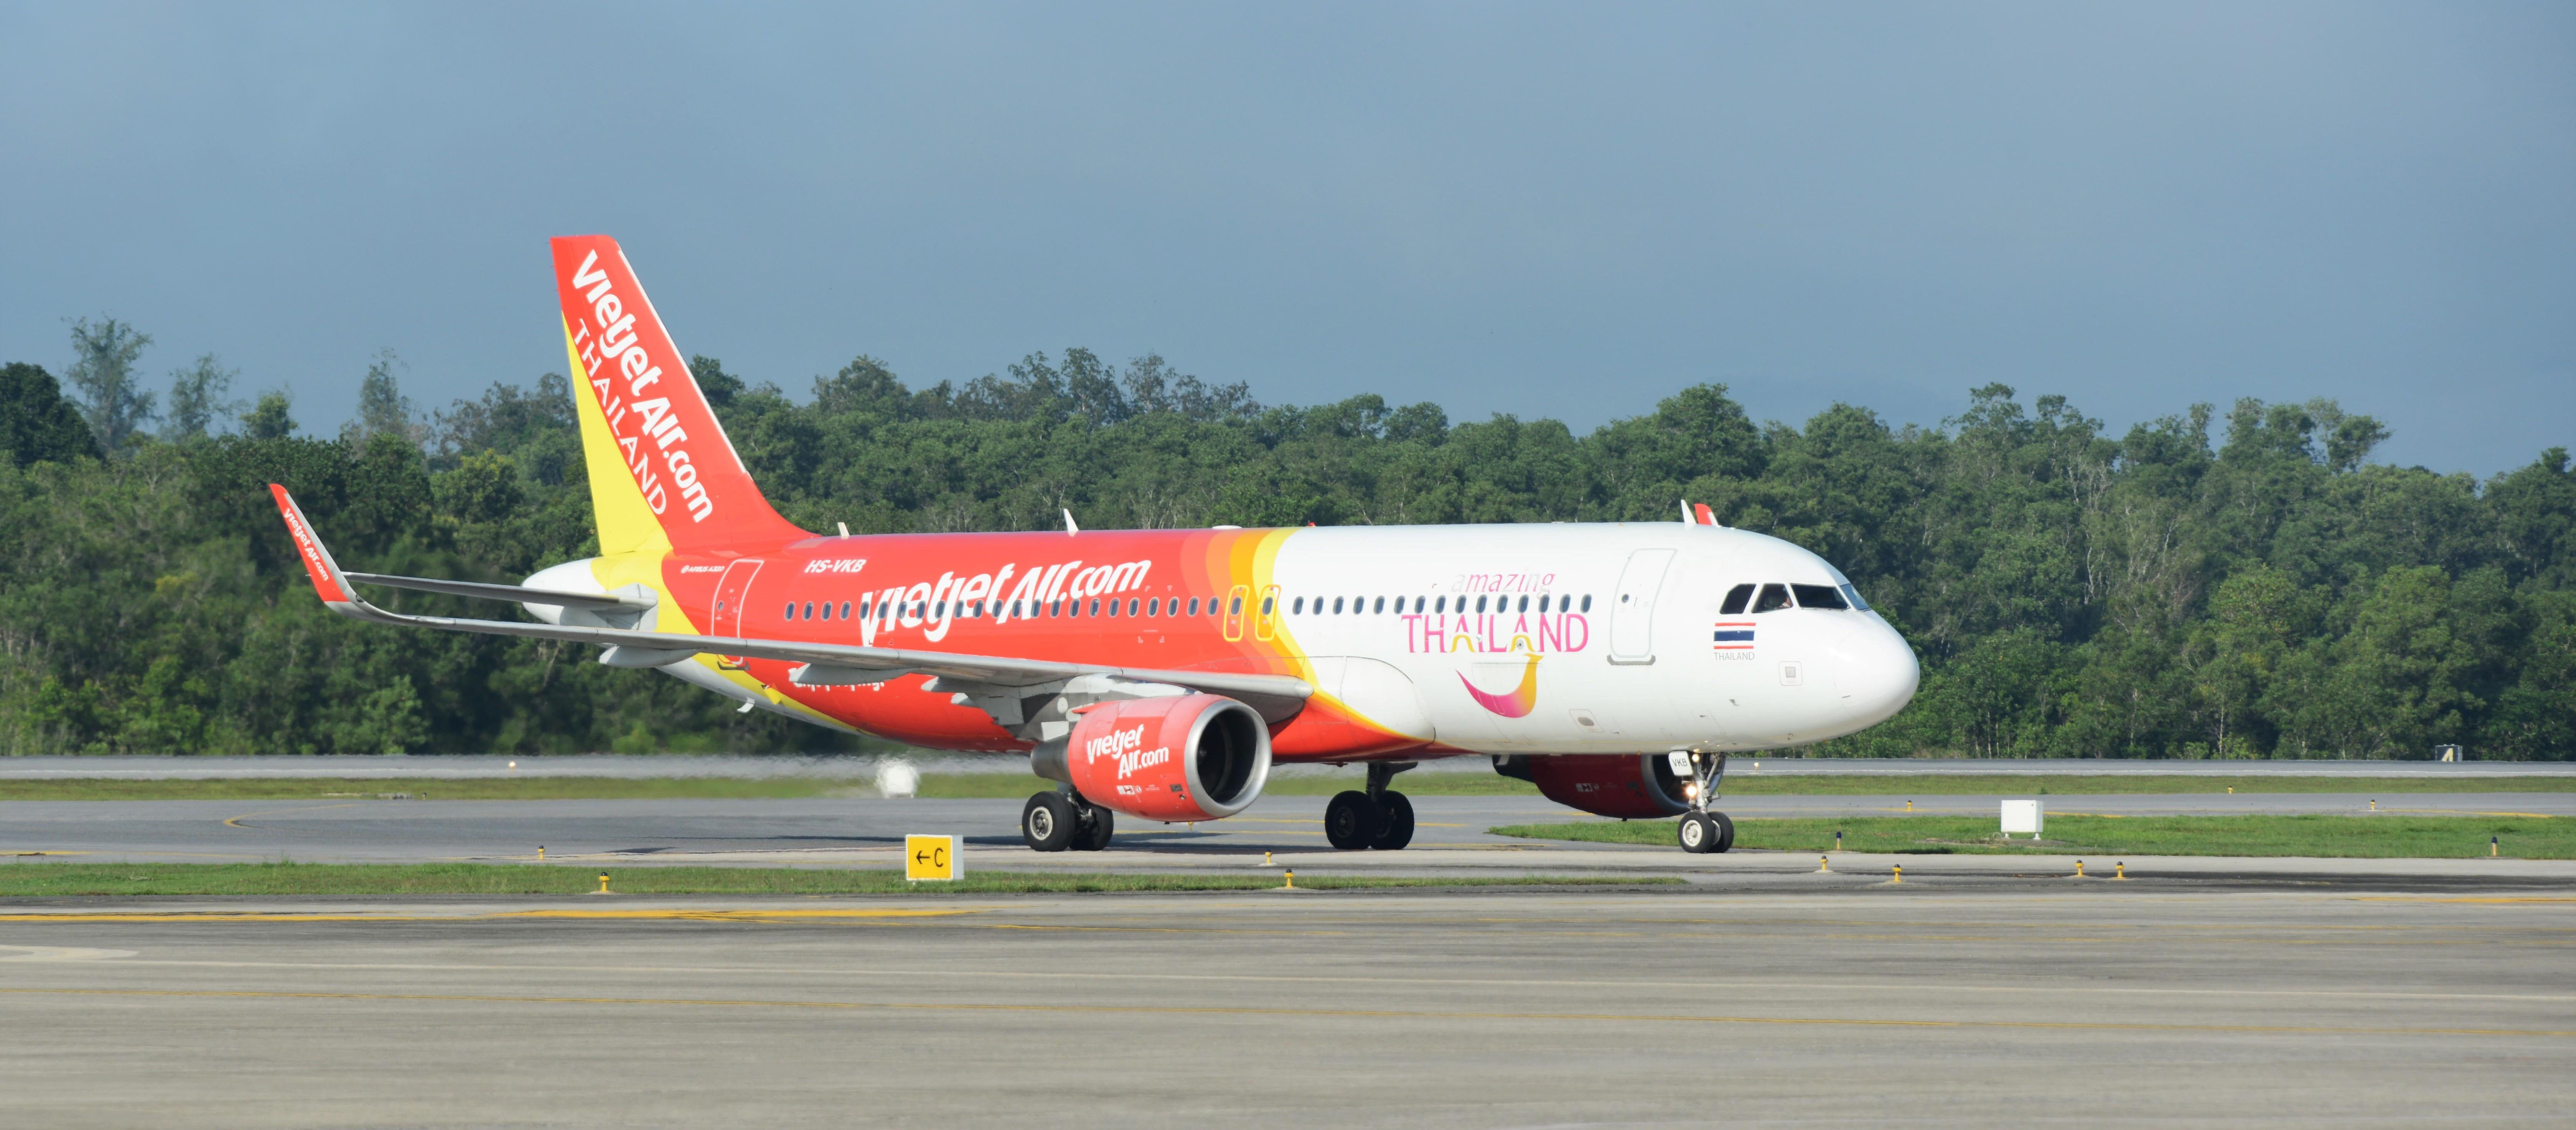 泰越捷航空將開通台北與曼谷航線 ,同時提供普吉島沙盒計畫班機